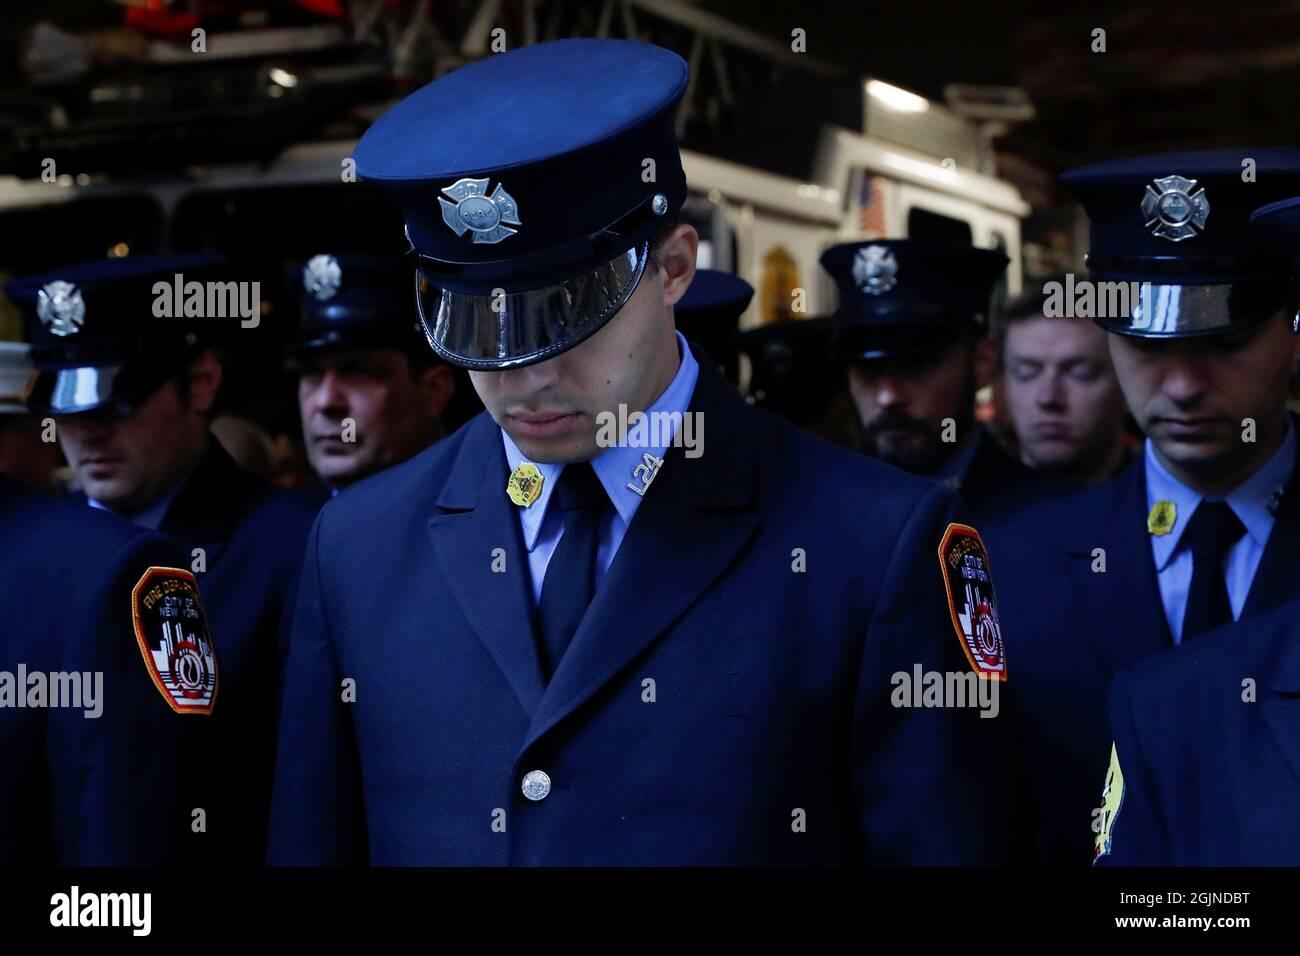 I vigili del fuoco partecipano a una cerimonia che segna il 20° anniversario degli attacchi del 11 settembre 2001, presso la casa dei vigili del fuoco FDNY Engine 1/Ladder 24 a New York City, New York, Stati Uniti, 11 settembre 2021. REUTERS/Shannon Stapleton Foto Stock